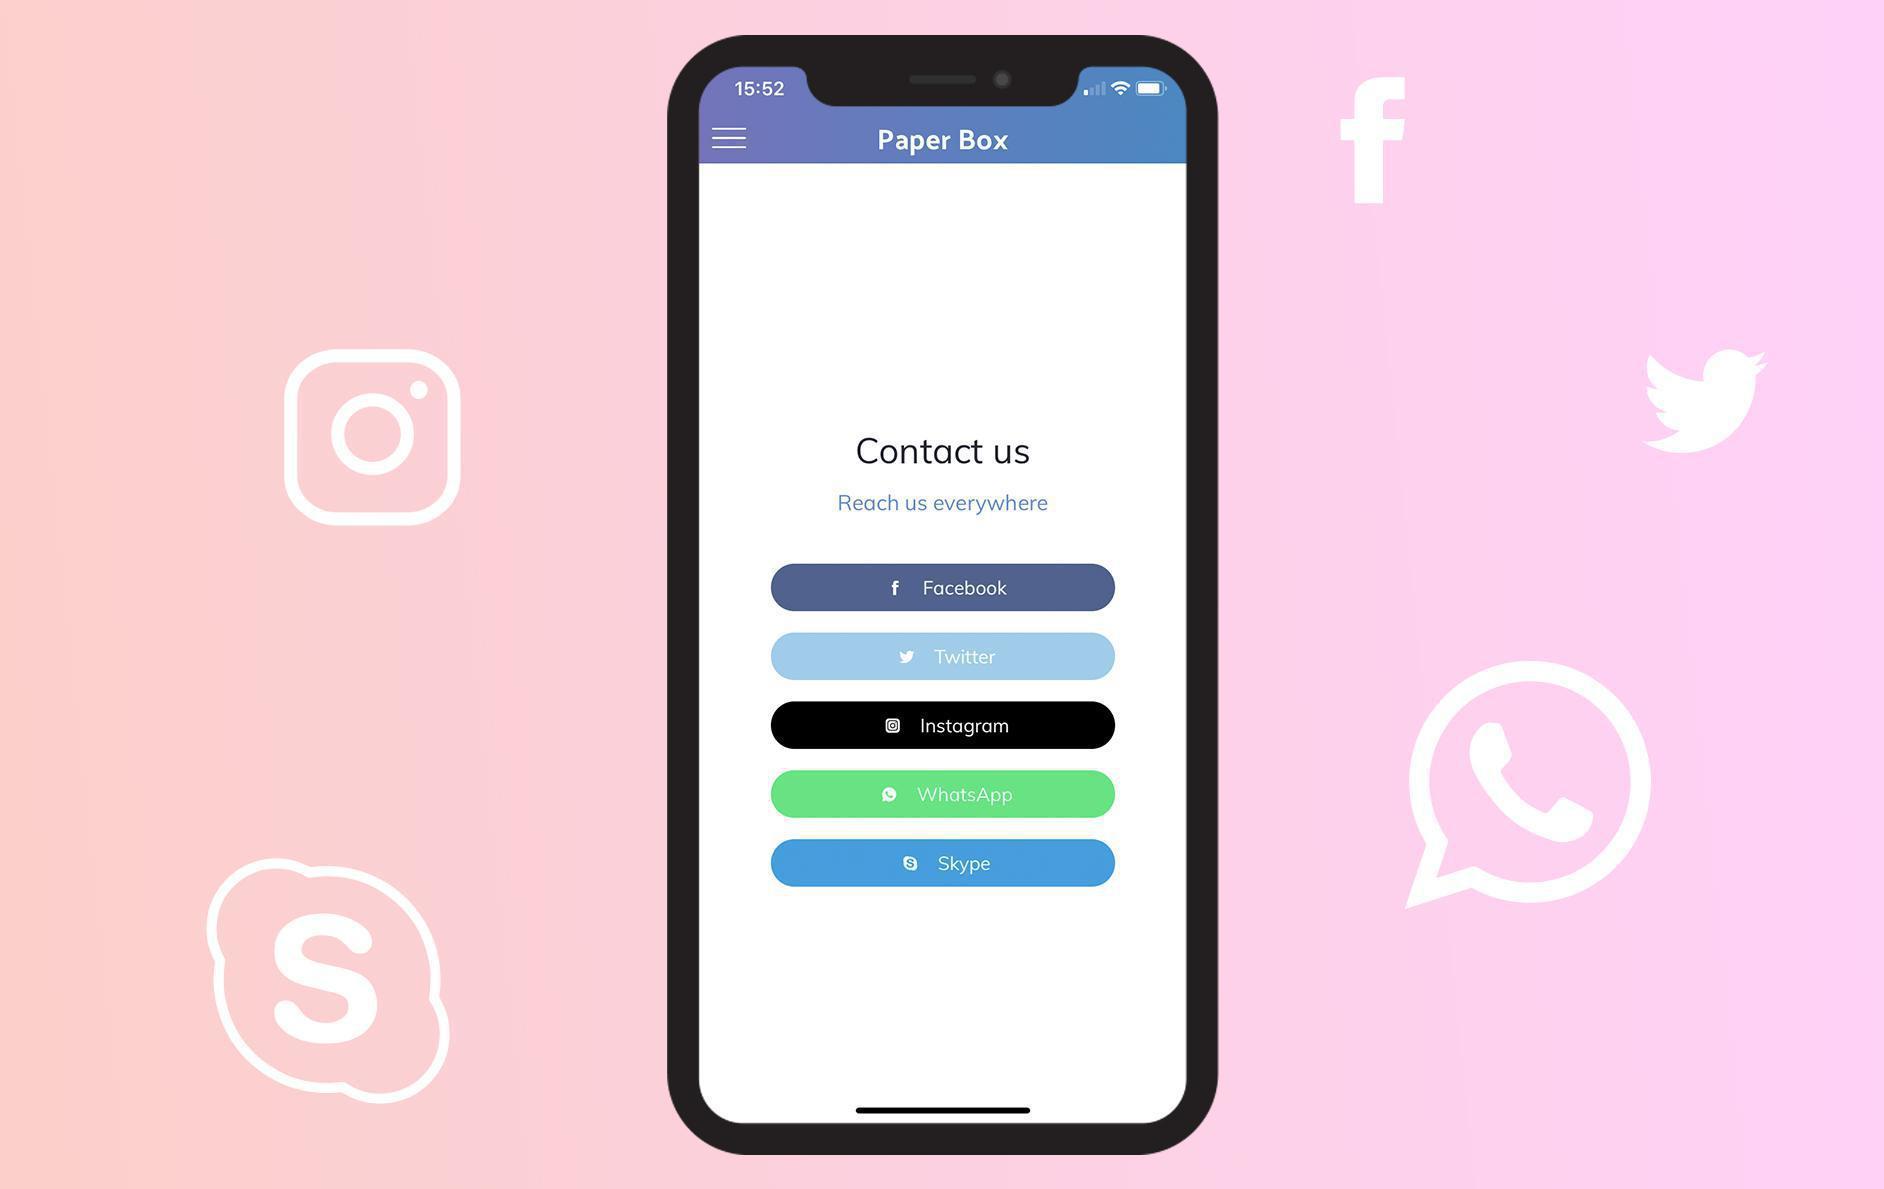 Instagram, WhatsApp & Skype reciben invitaciones en tu sección de contacto